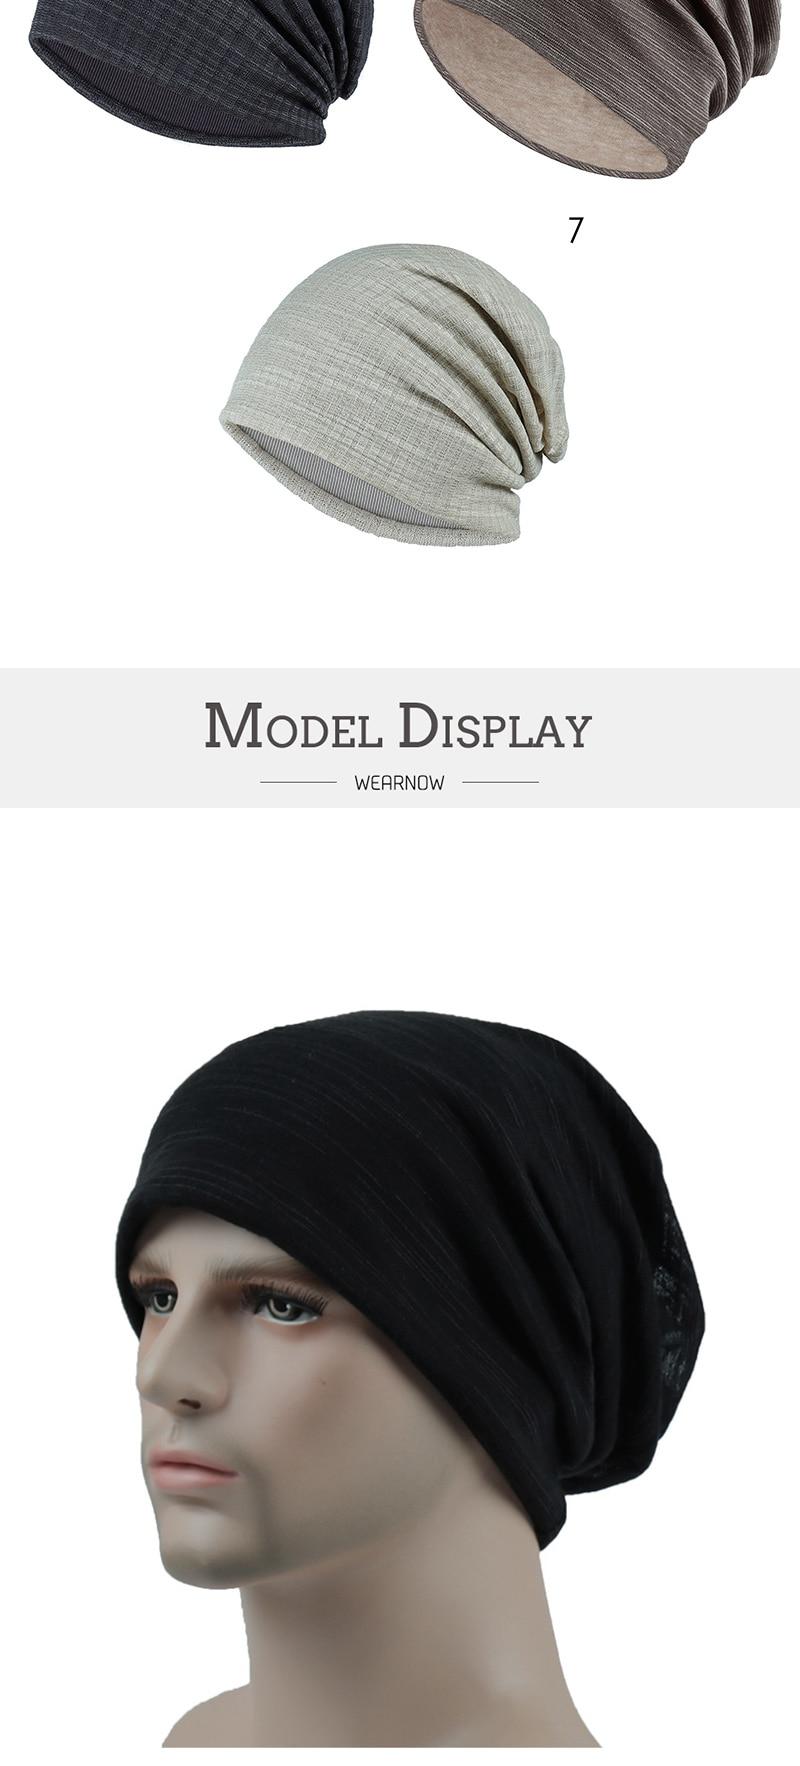 新款针织帽_2019-eilish刺绣针织帽套头嘻哈帽毛线帽18色---阿里巴巴_02